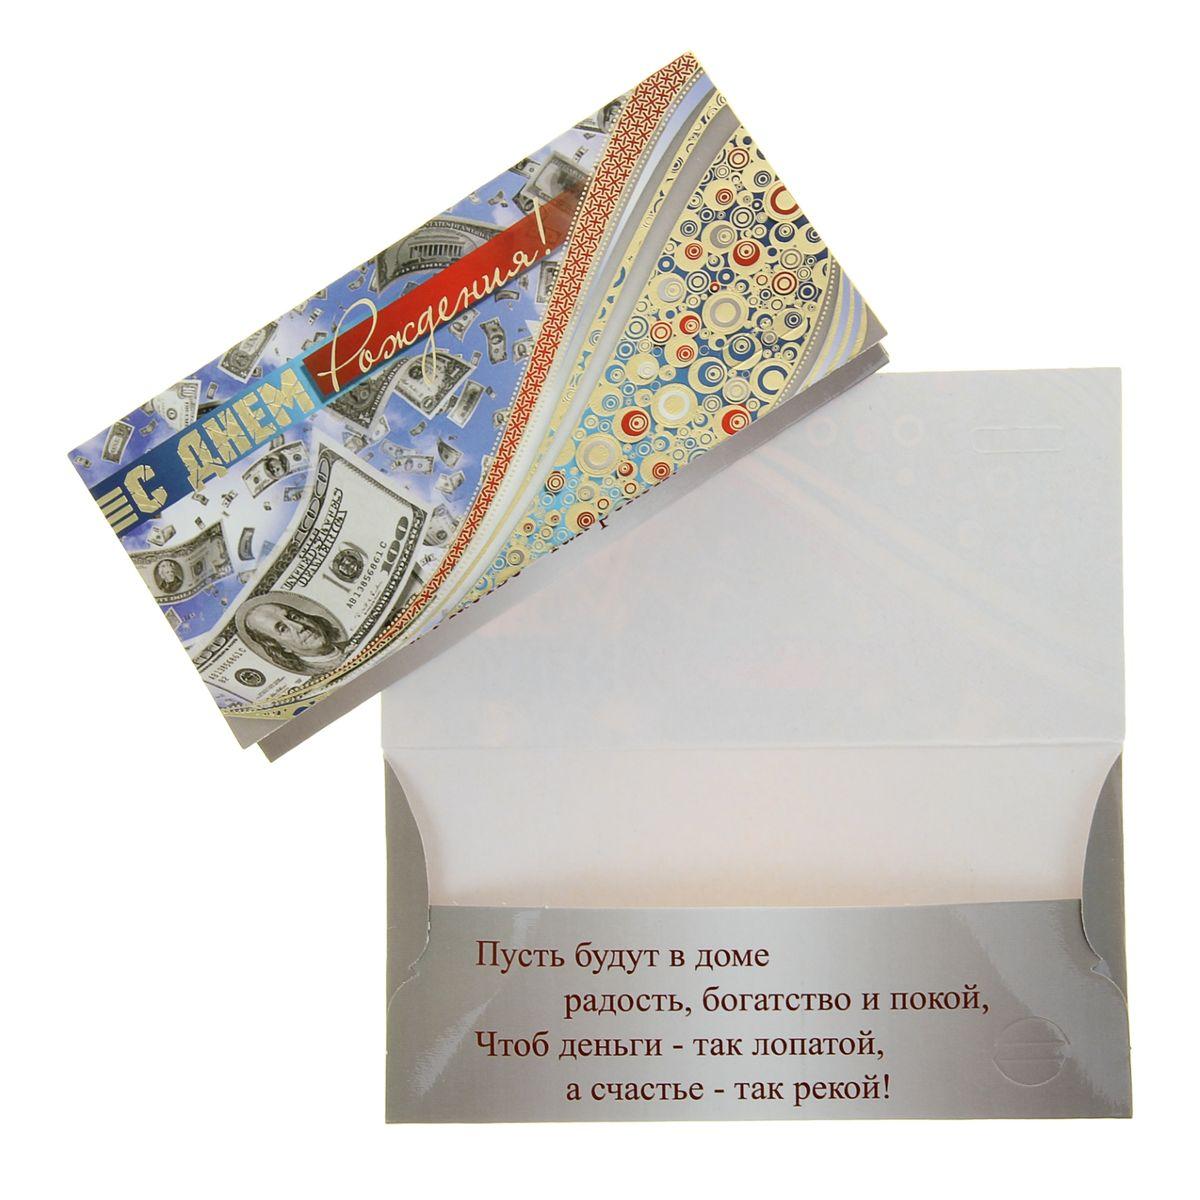 таким поздравления при вручении конверта с деньгами высыхает